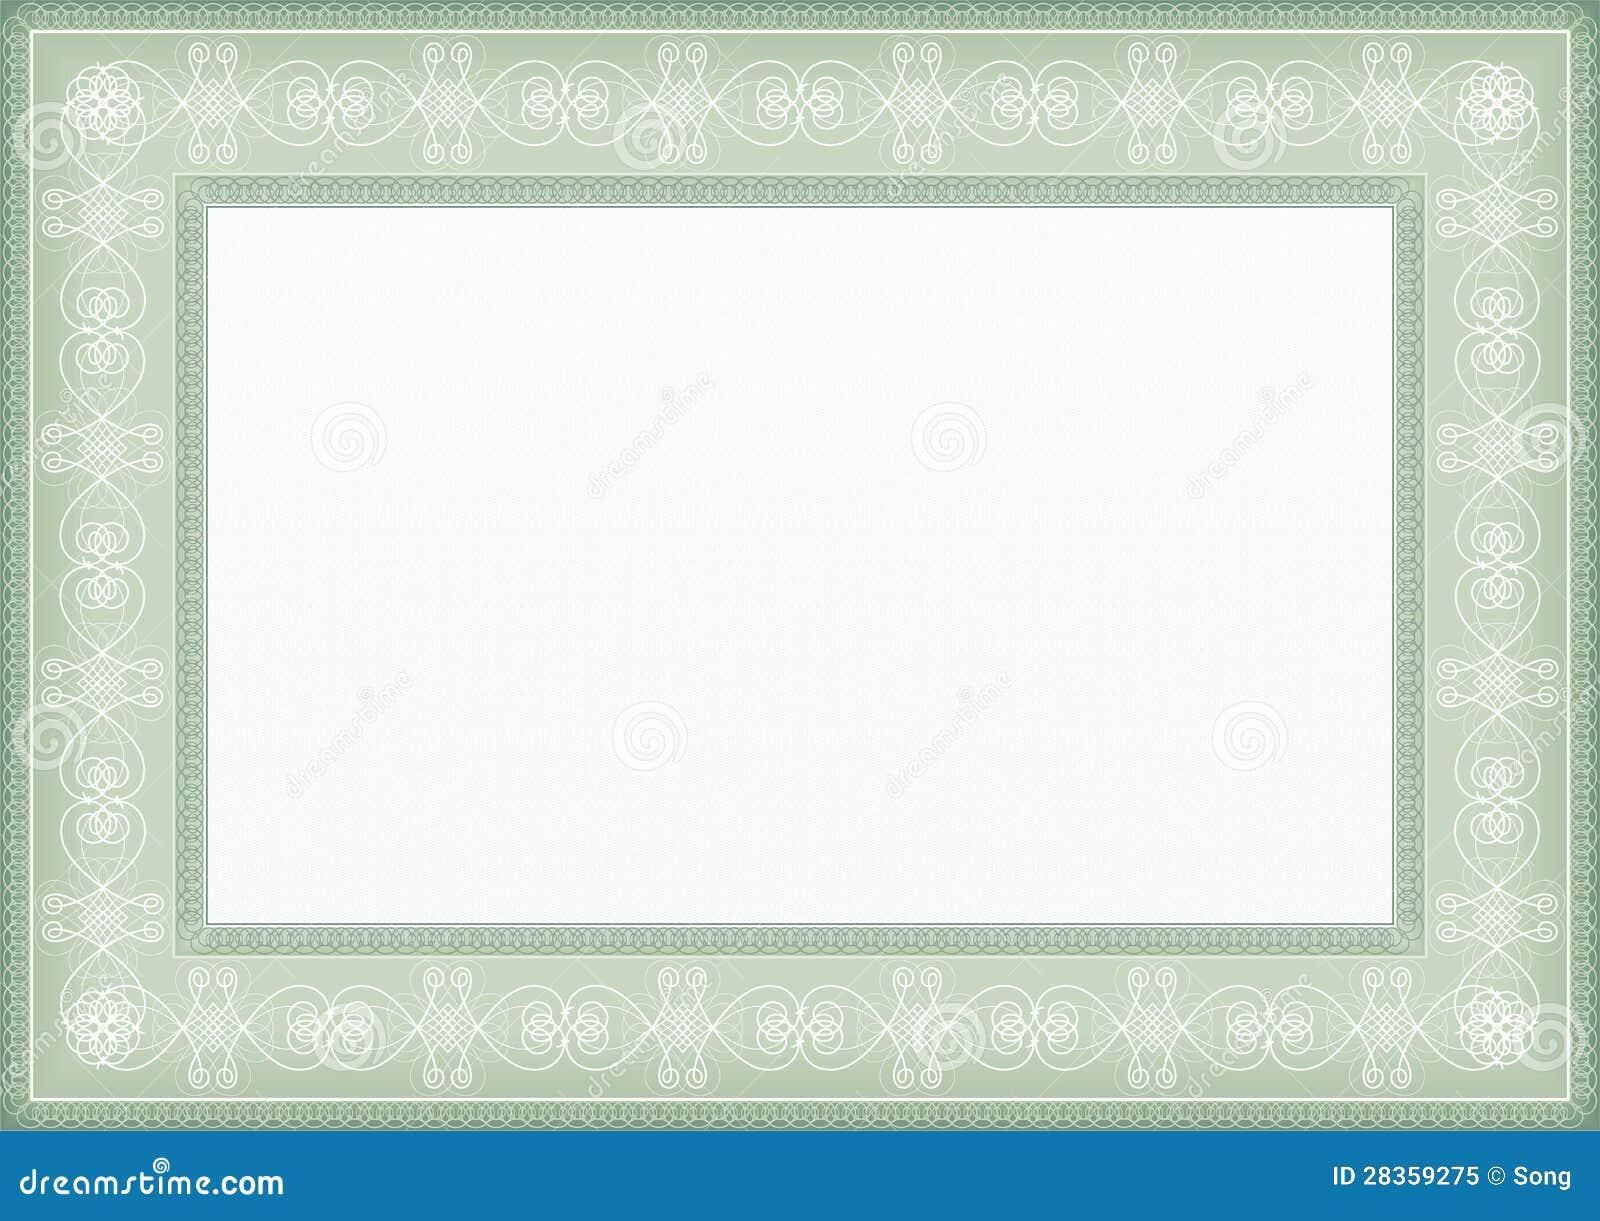 Рамка сертификата иллюстрация вектора изображение насчитывающей  Рамка сертификата